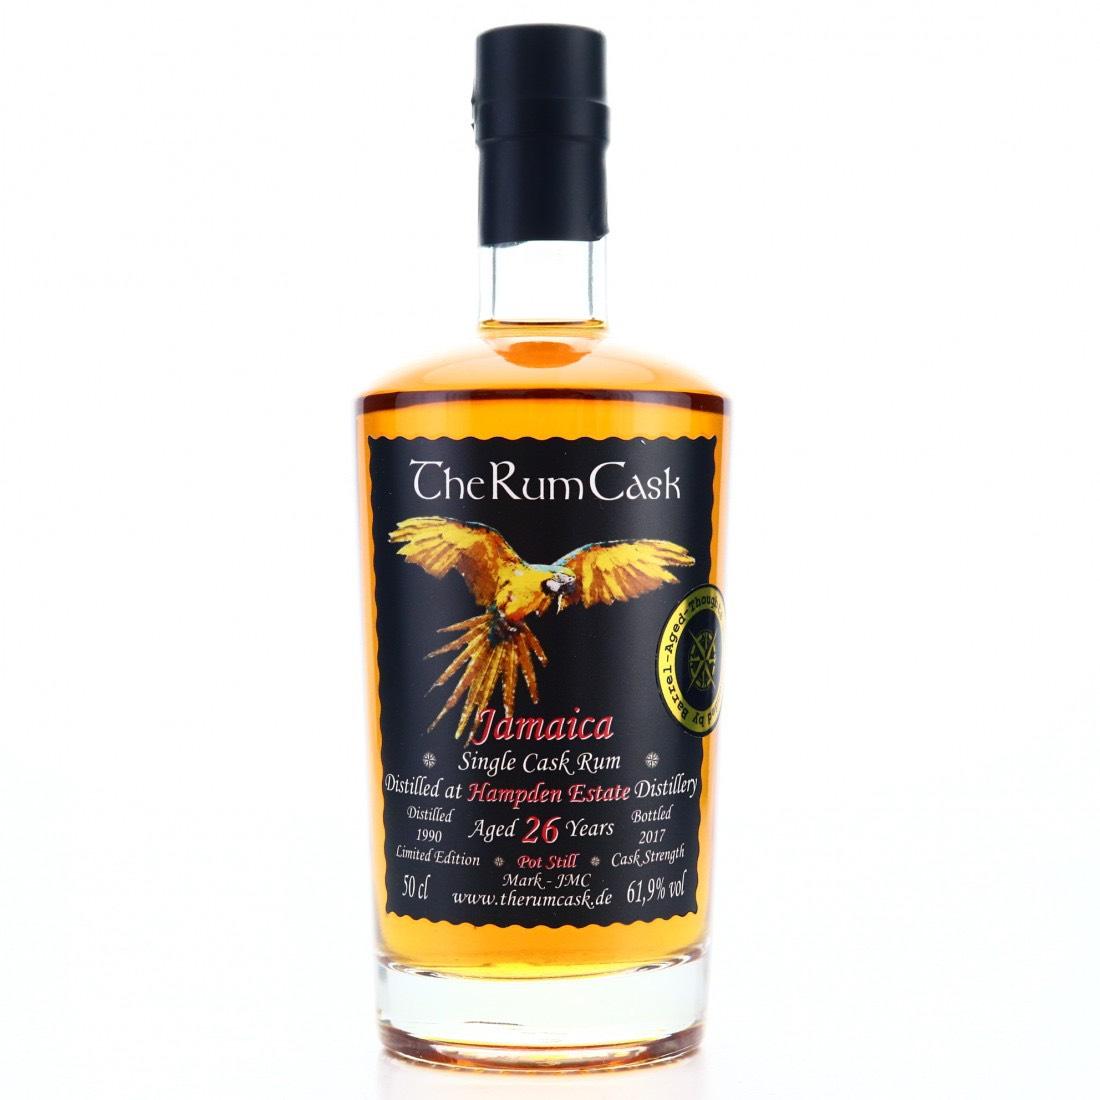 Bottle image of Jamaica C<>H